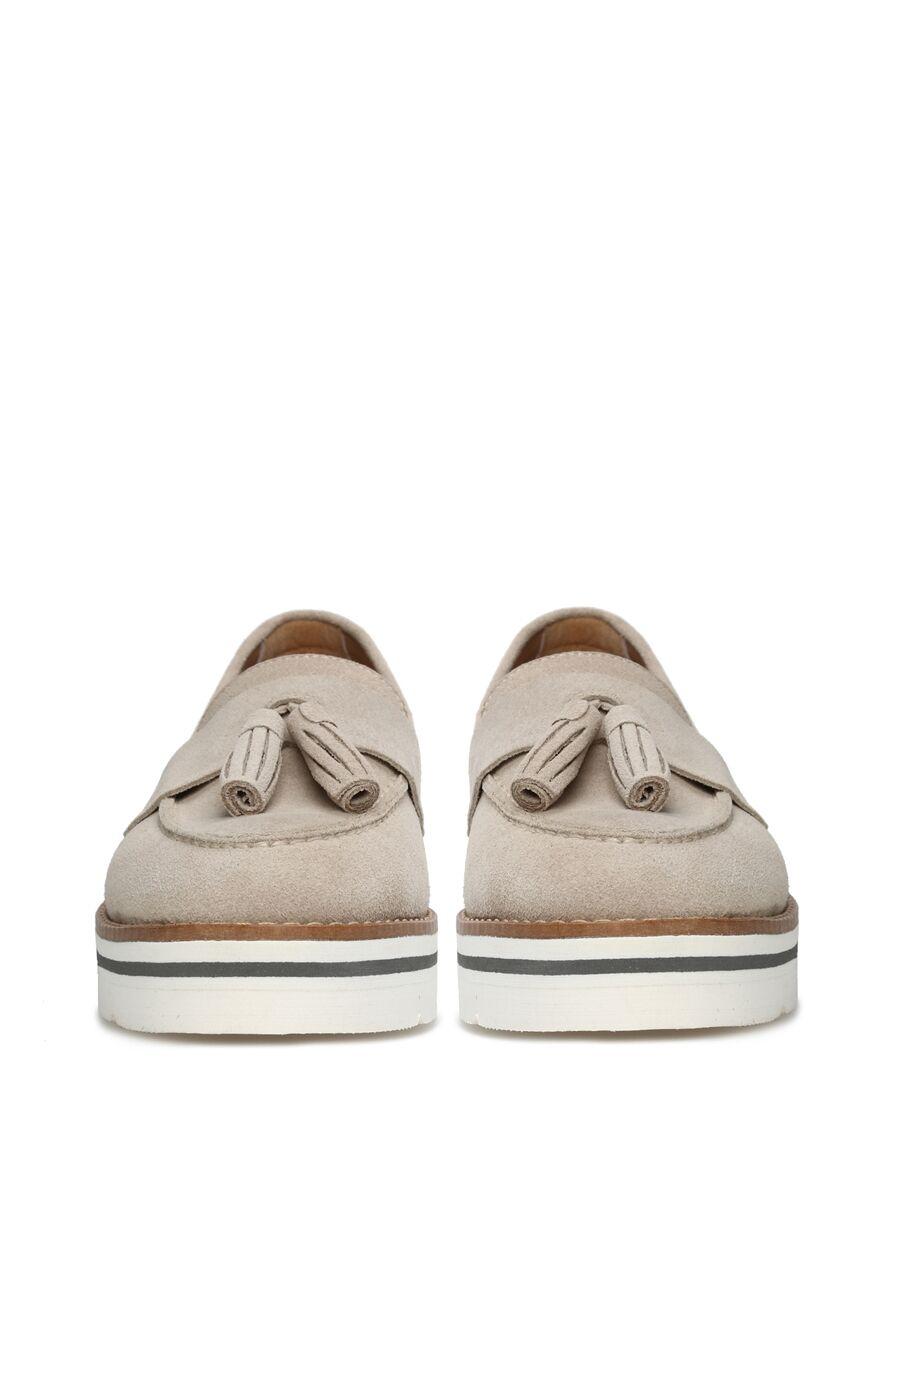 Bej Süet Kadın Ayakkabı